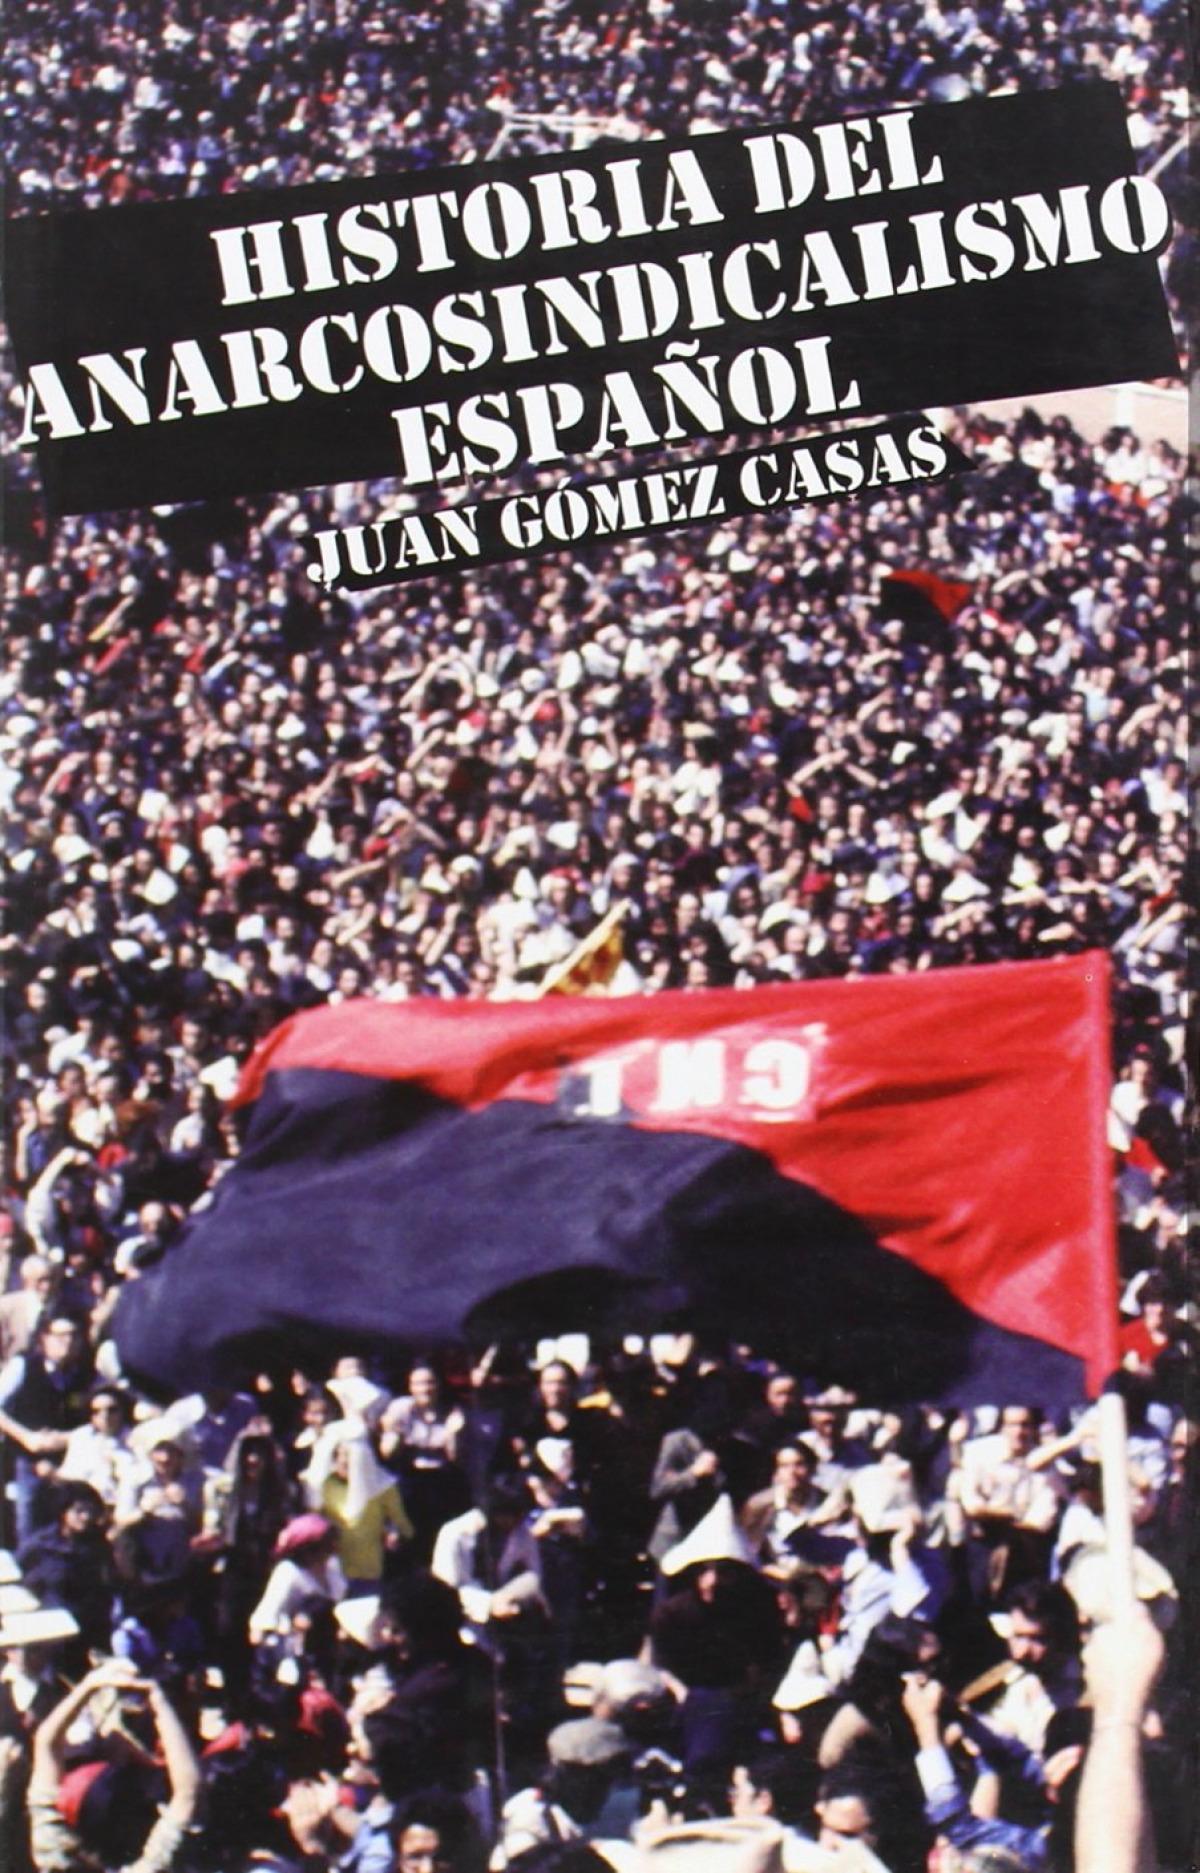 Historia del anarcosindicalismo español epílogo hasta nuestros días - Gómez Casas, Juan